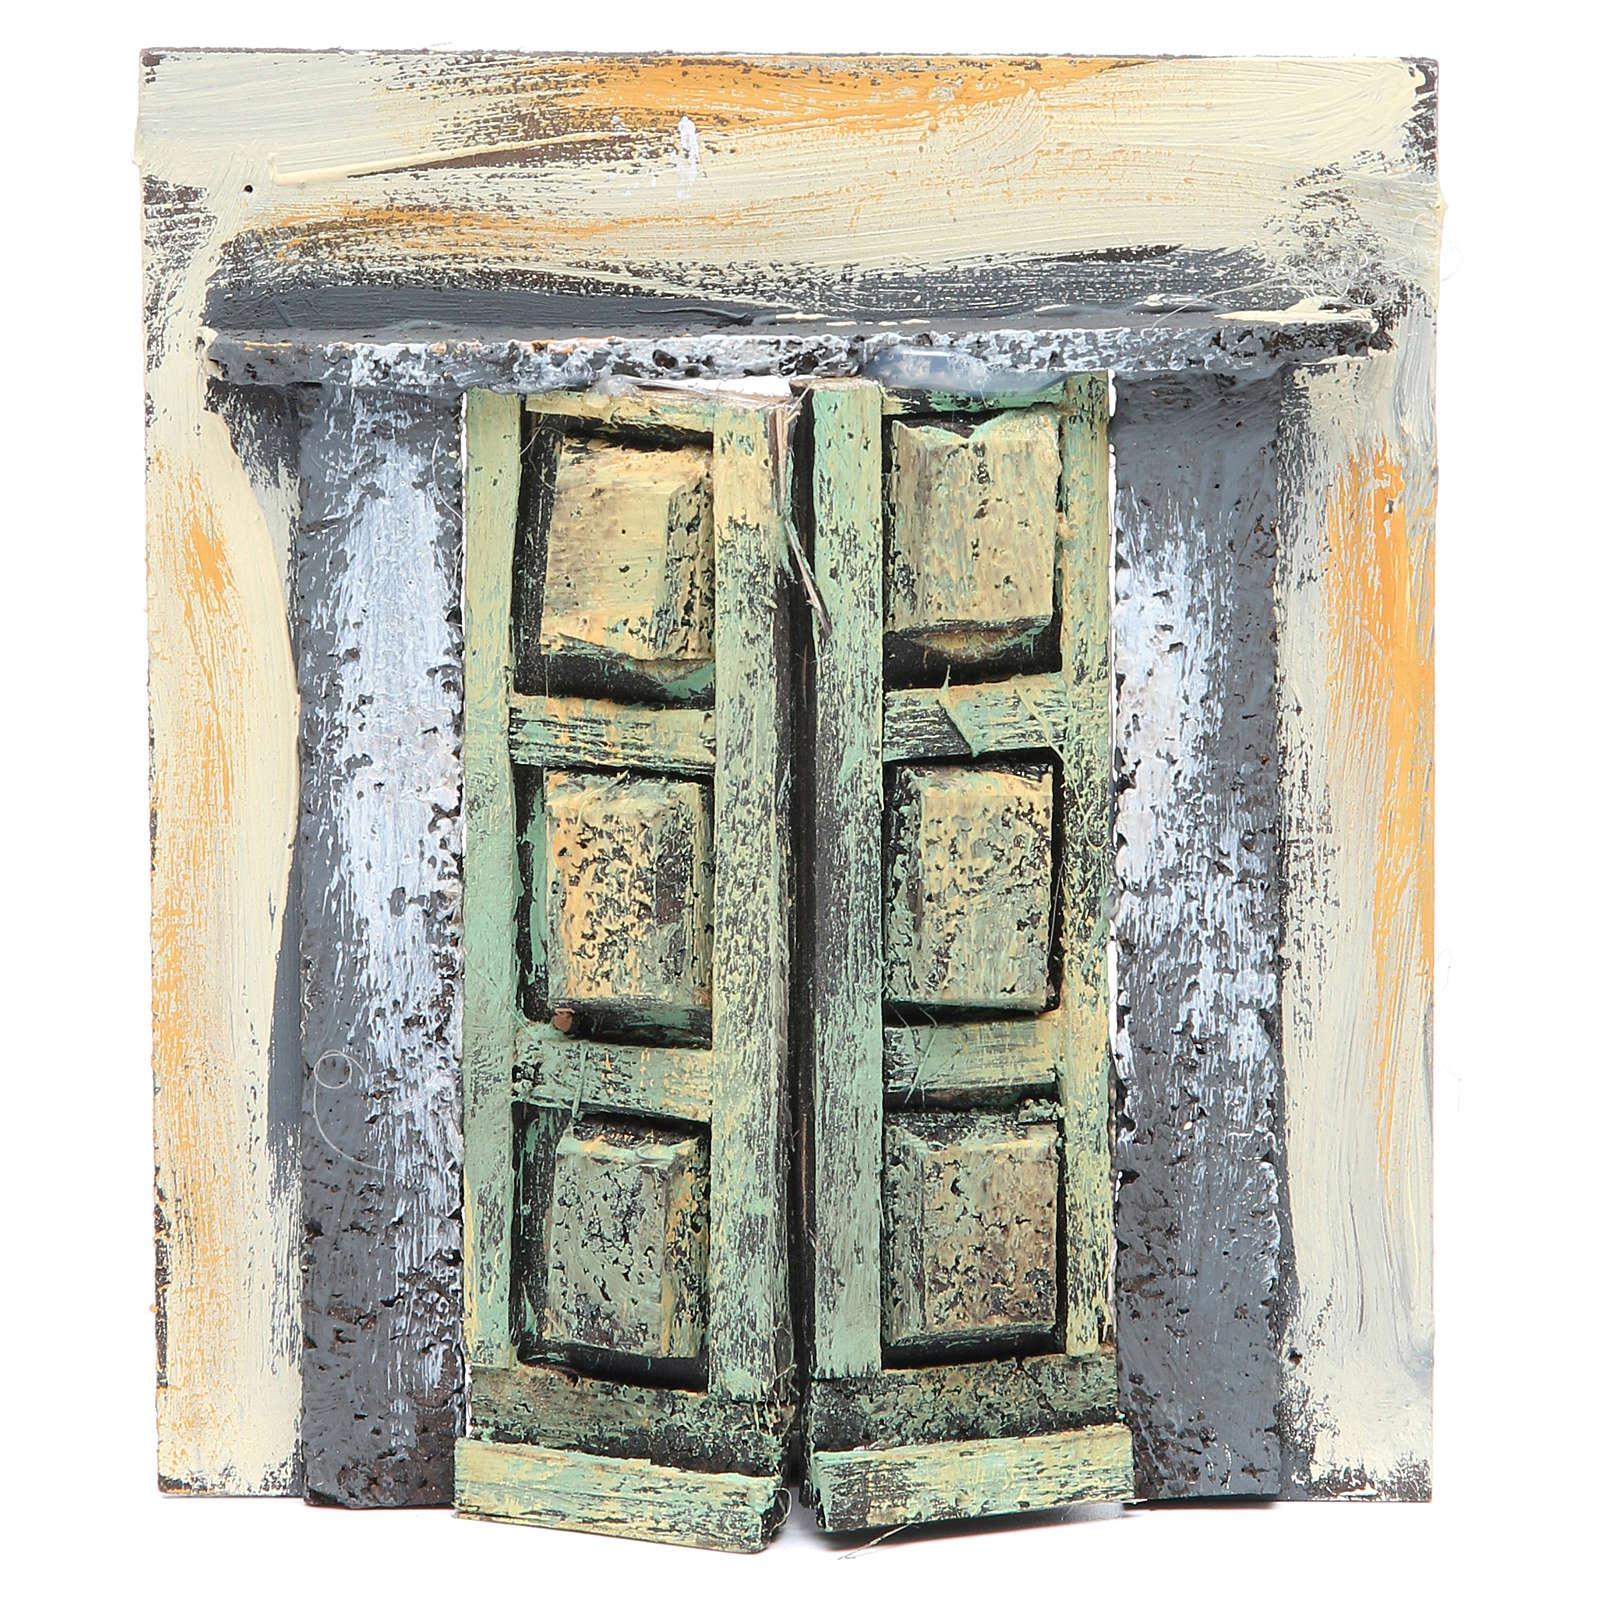 Ściana z drzwiami wejściowymi 17x15x1 cm do szopki 4